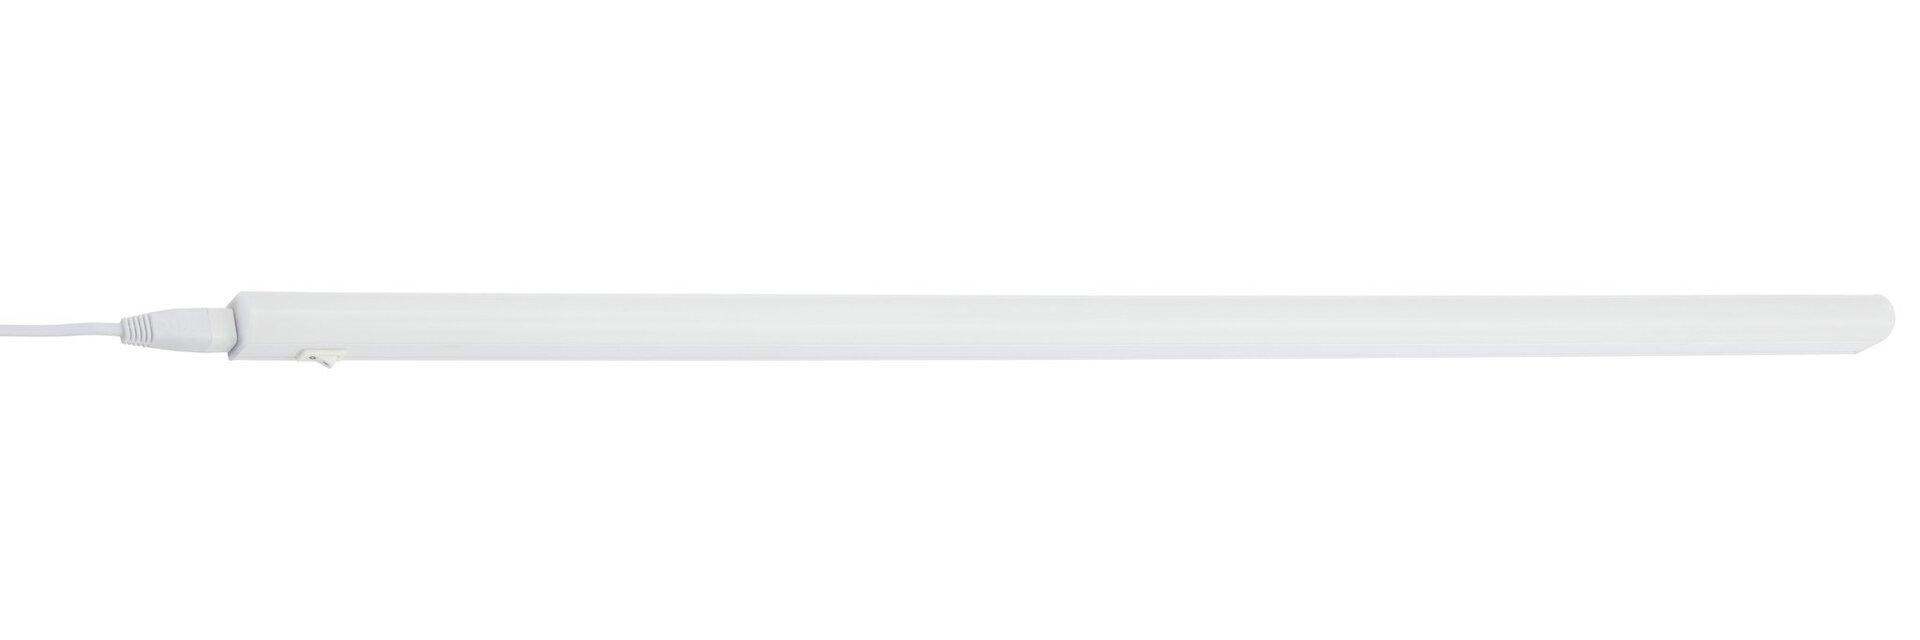 Unterbauleuchte Took Briloner Metall weiß 2 x 3 x 87 cm